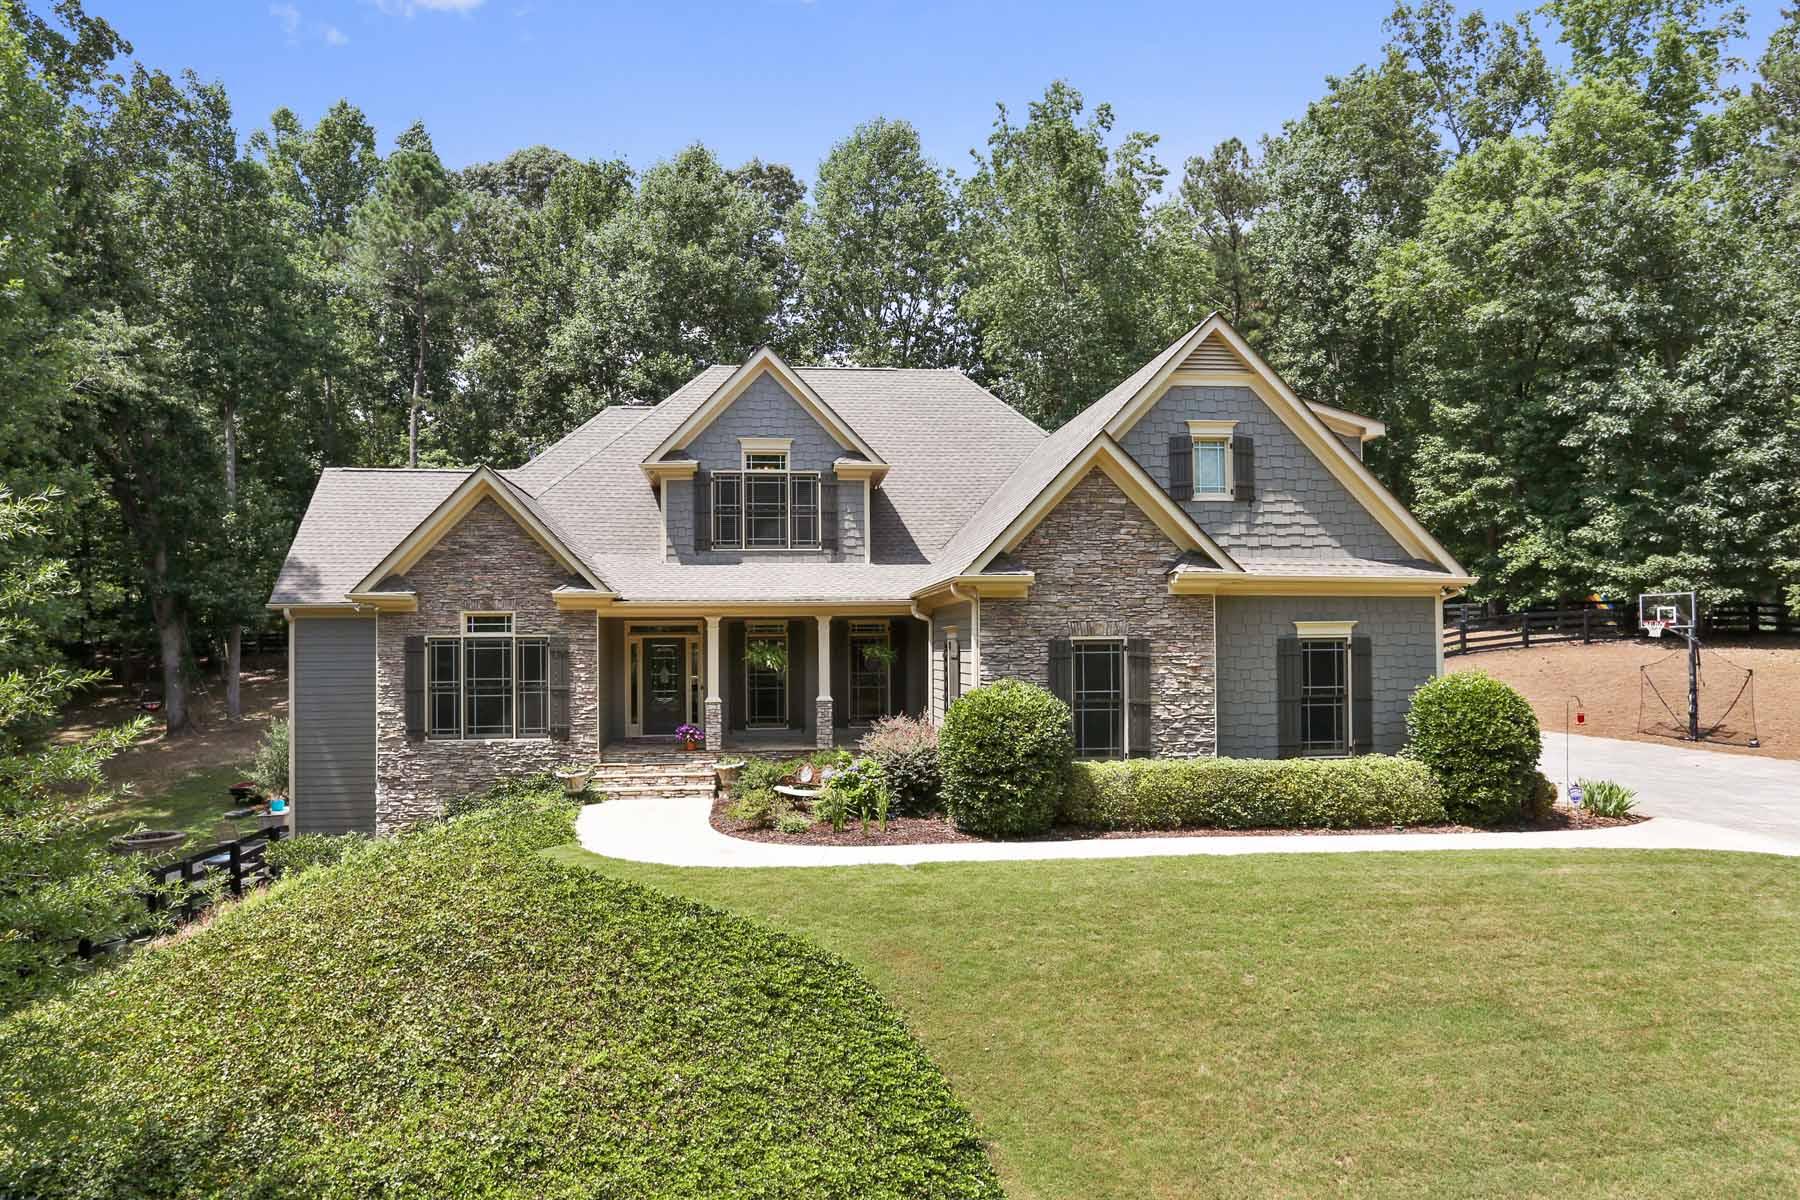 獨棟家庭住宅 為 出售 在 Remarkable Custom Home on 4+ Acres With Private Drive 110 Brannon Court Canton, 喬治亞州, 30115 美國